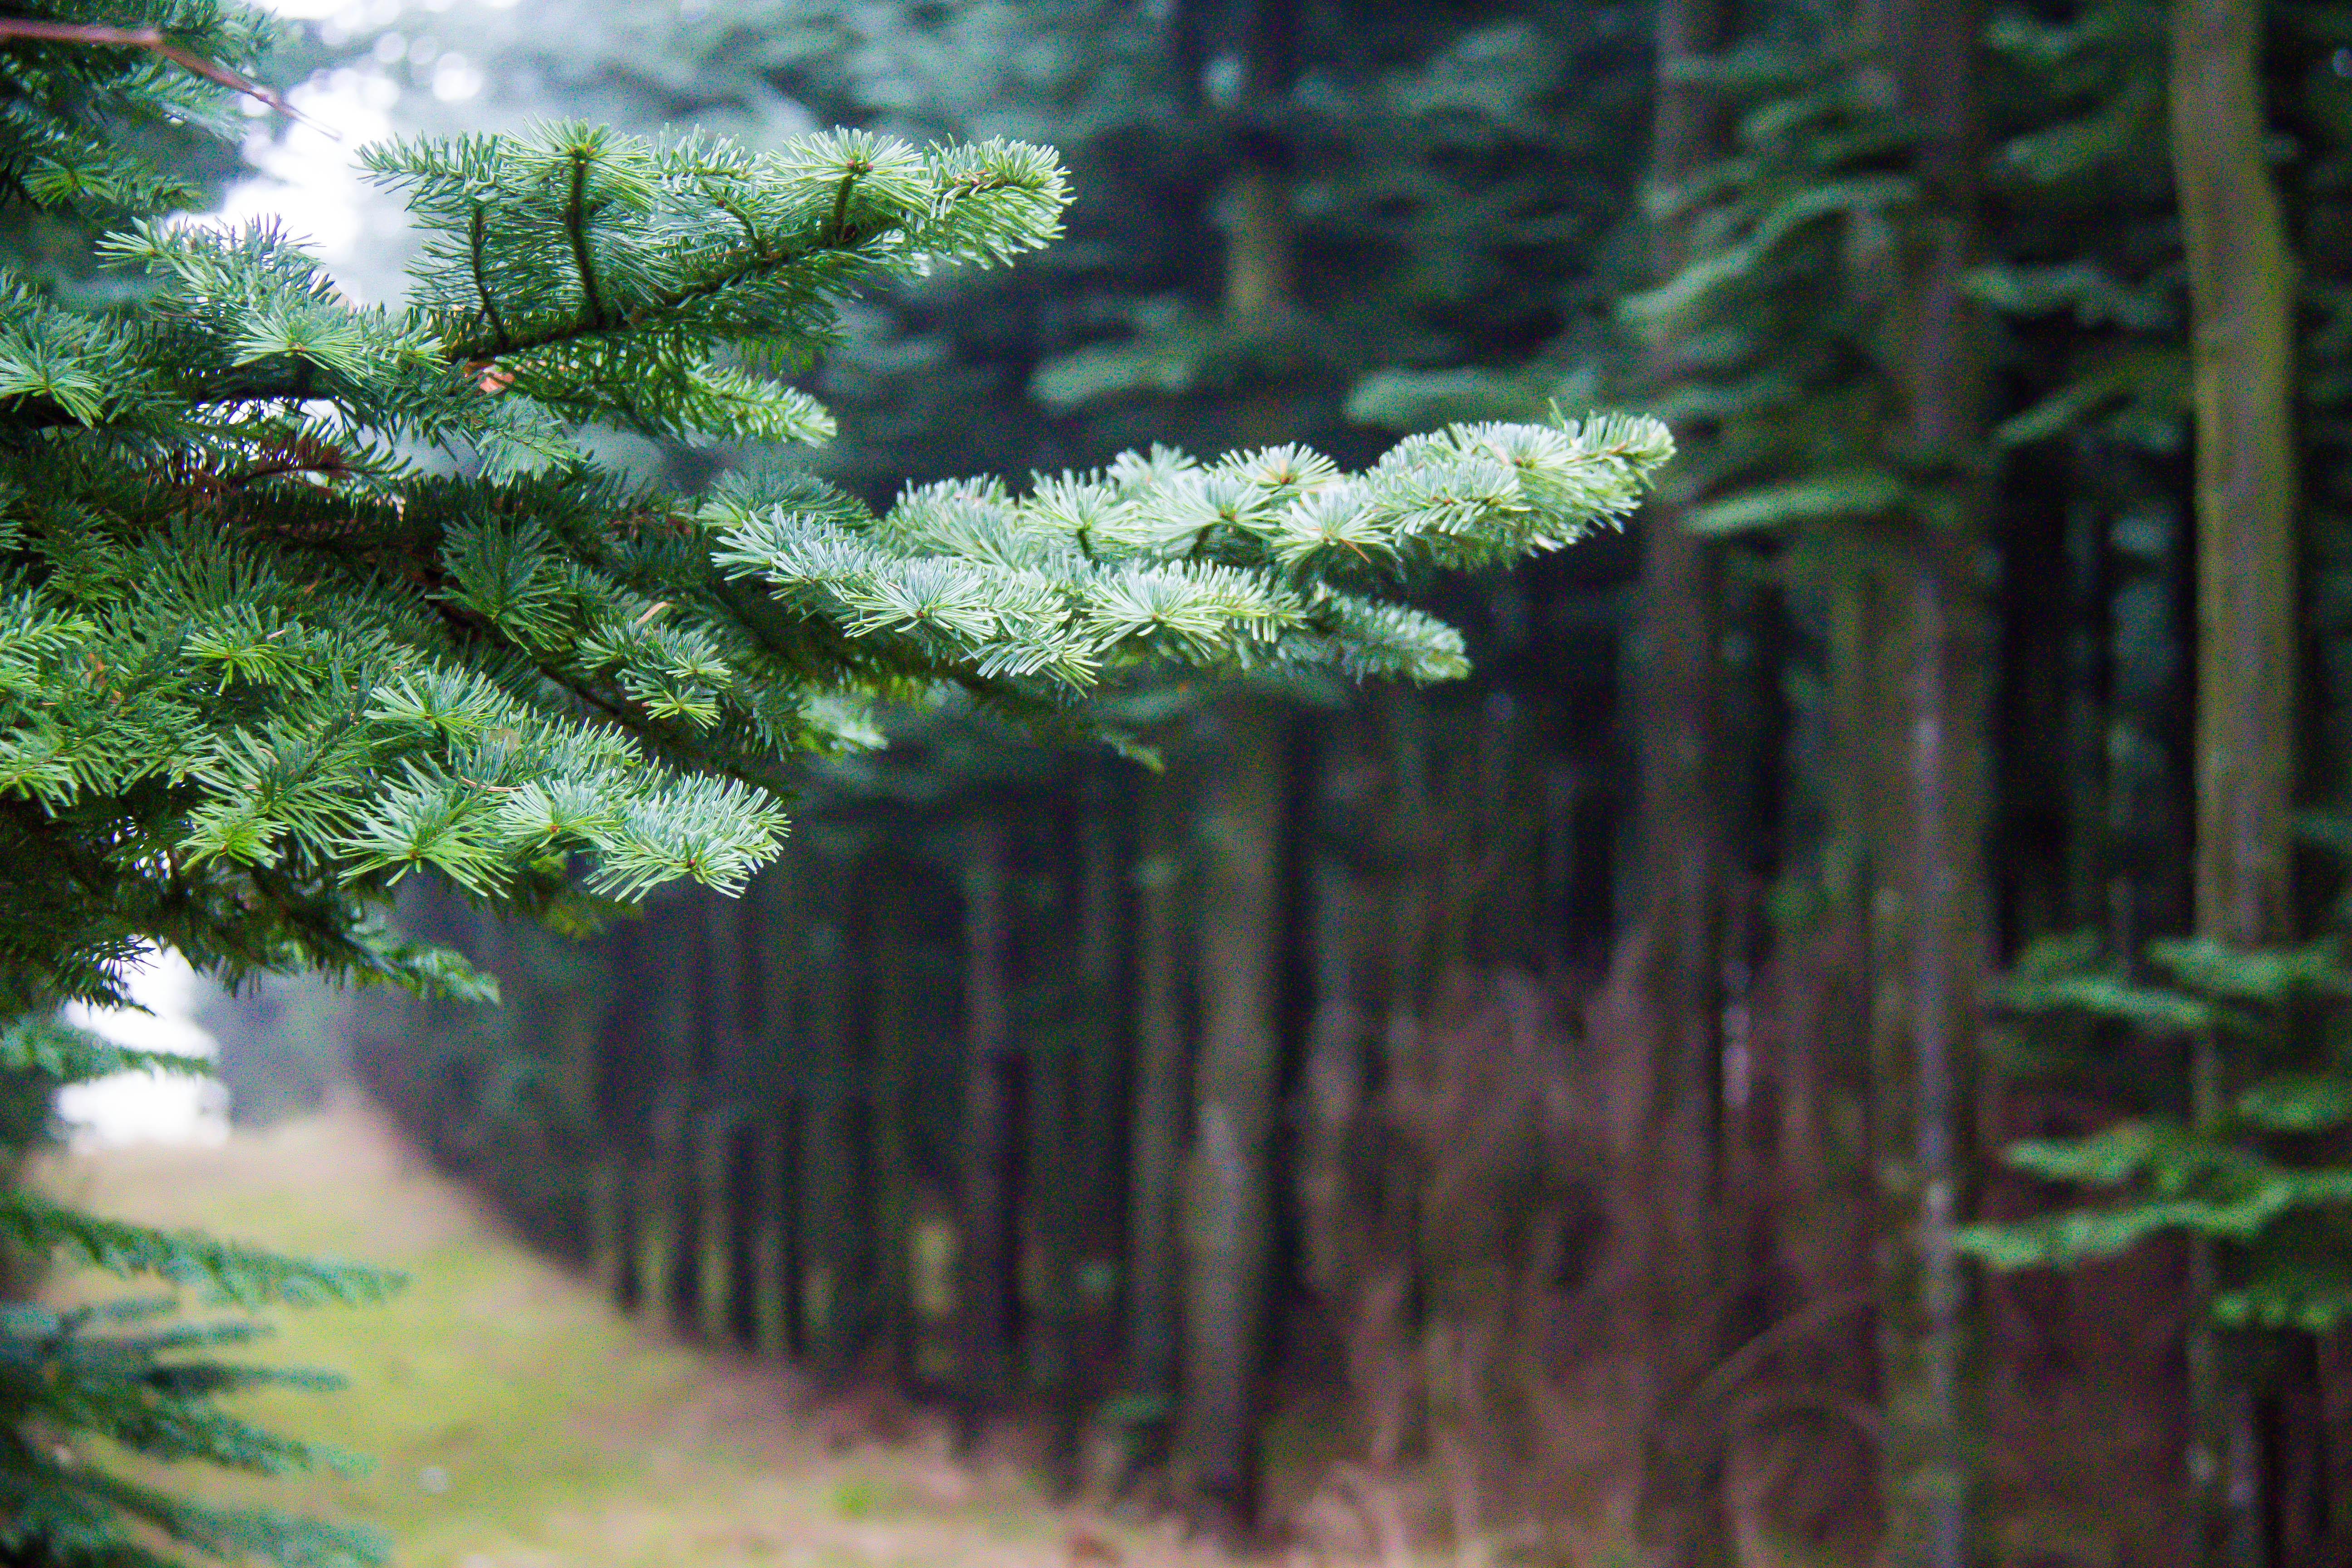 правильной картинки леса с елями соснами шаронова